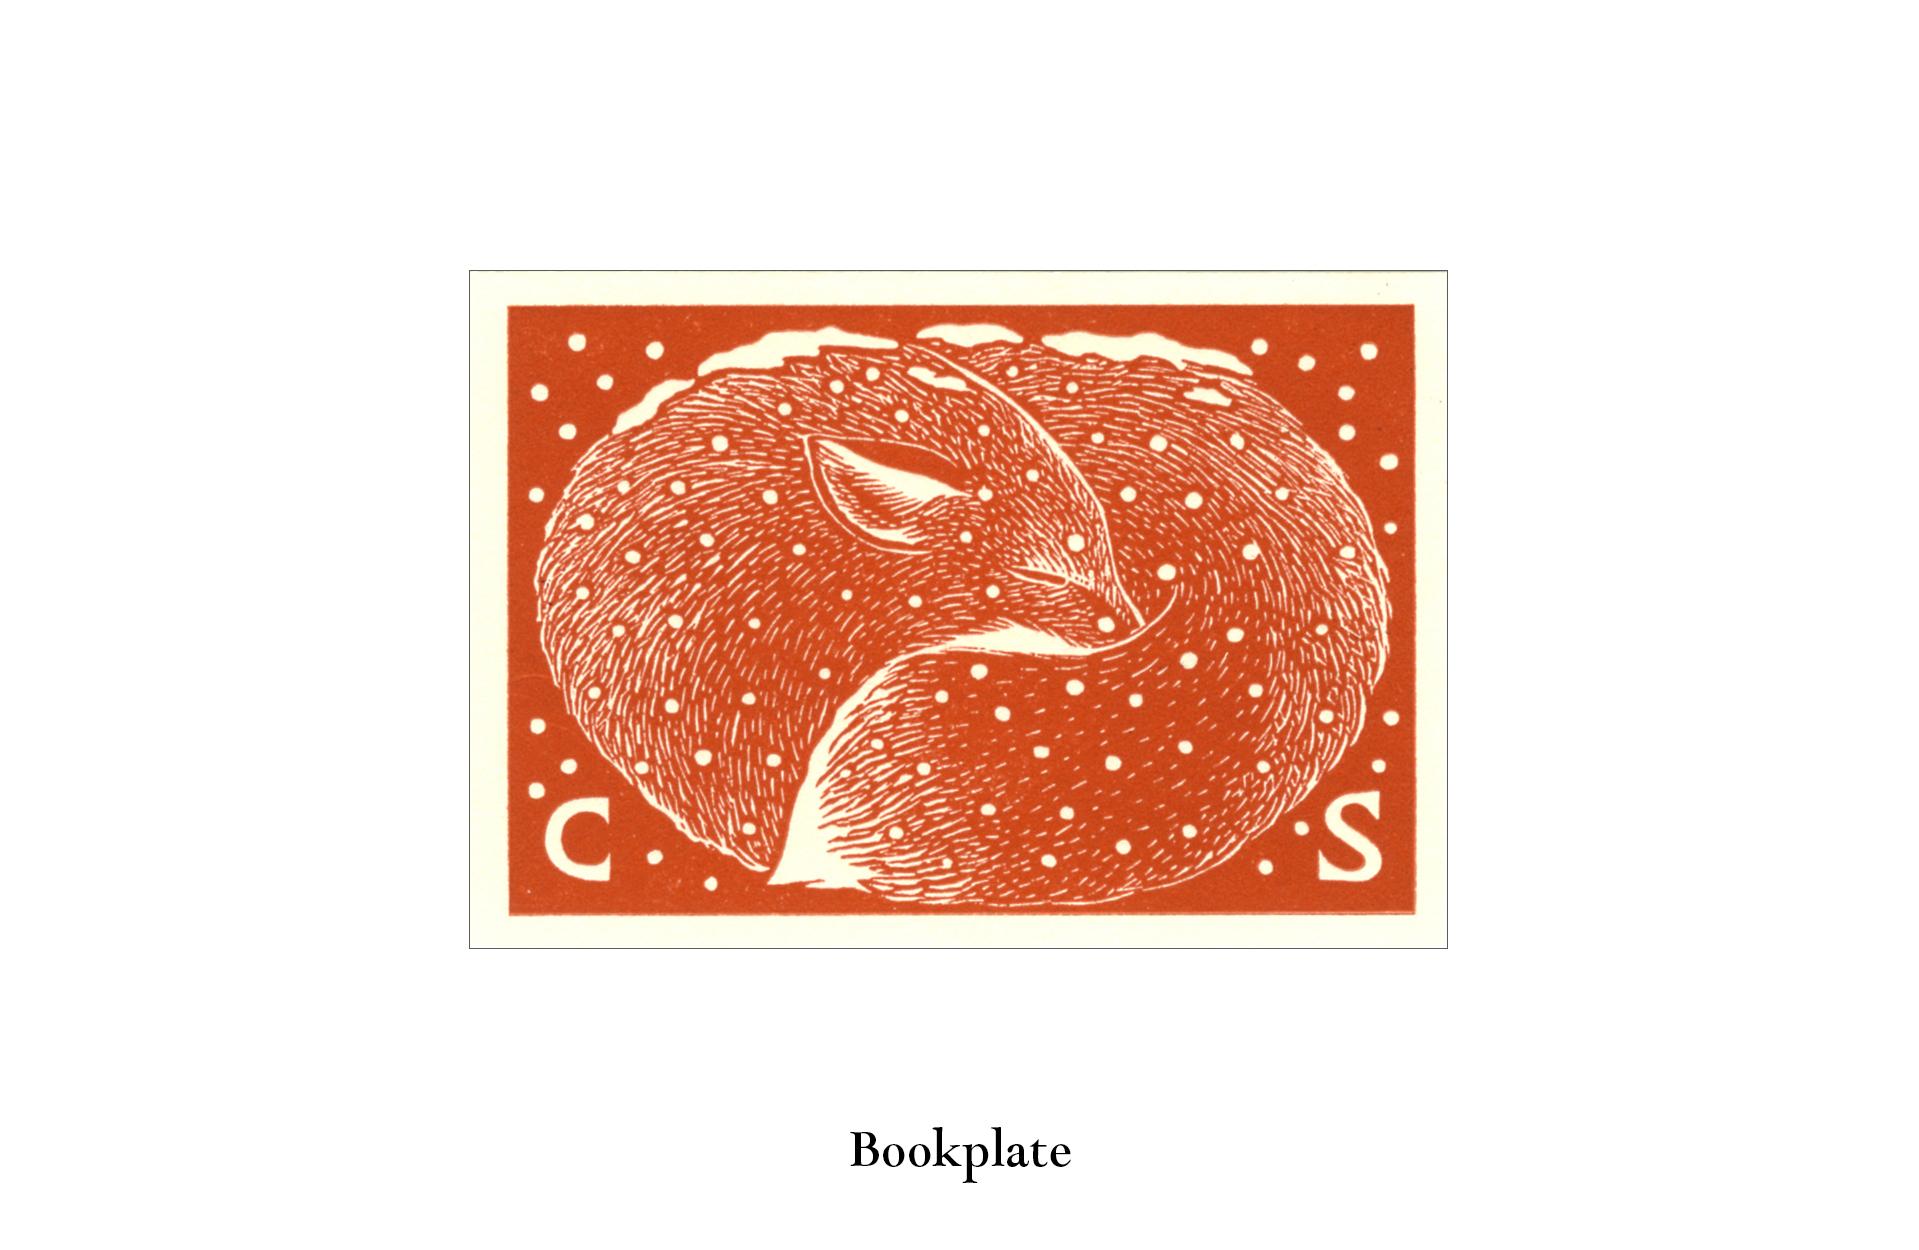 Winter fox bookplate wood engraving by Leslie Evans